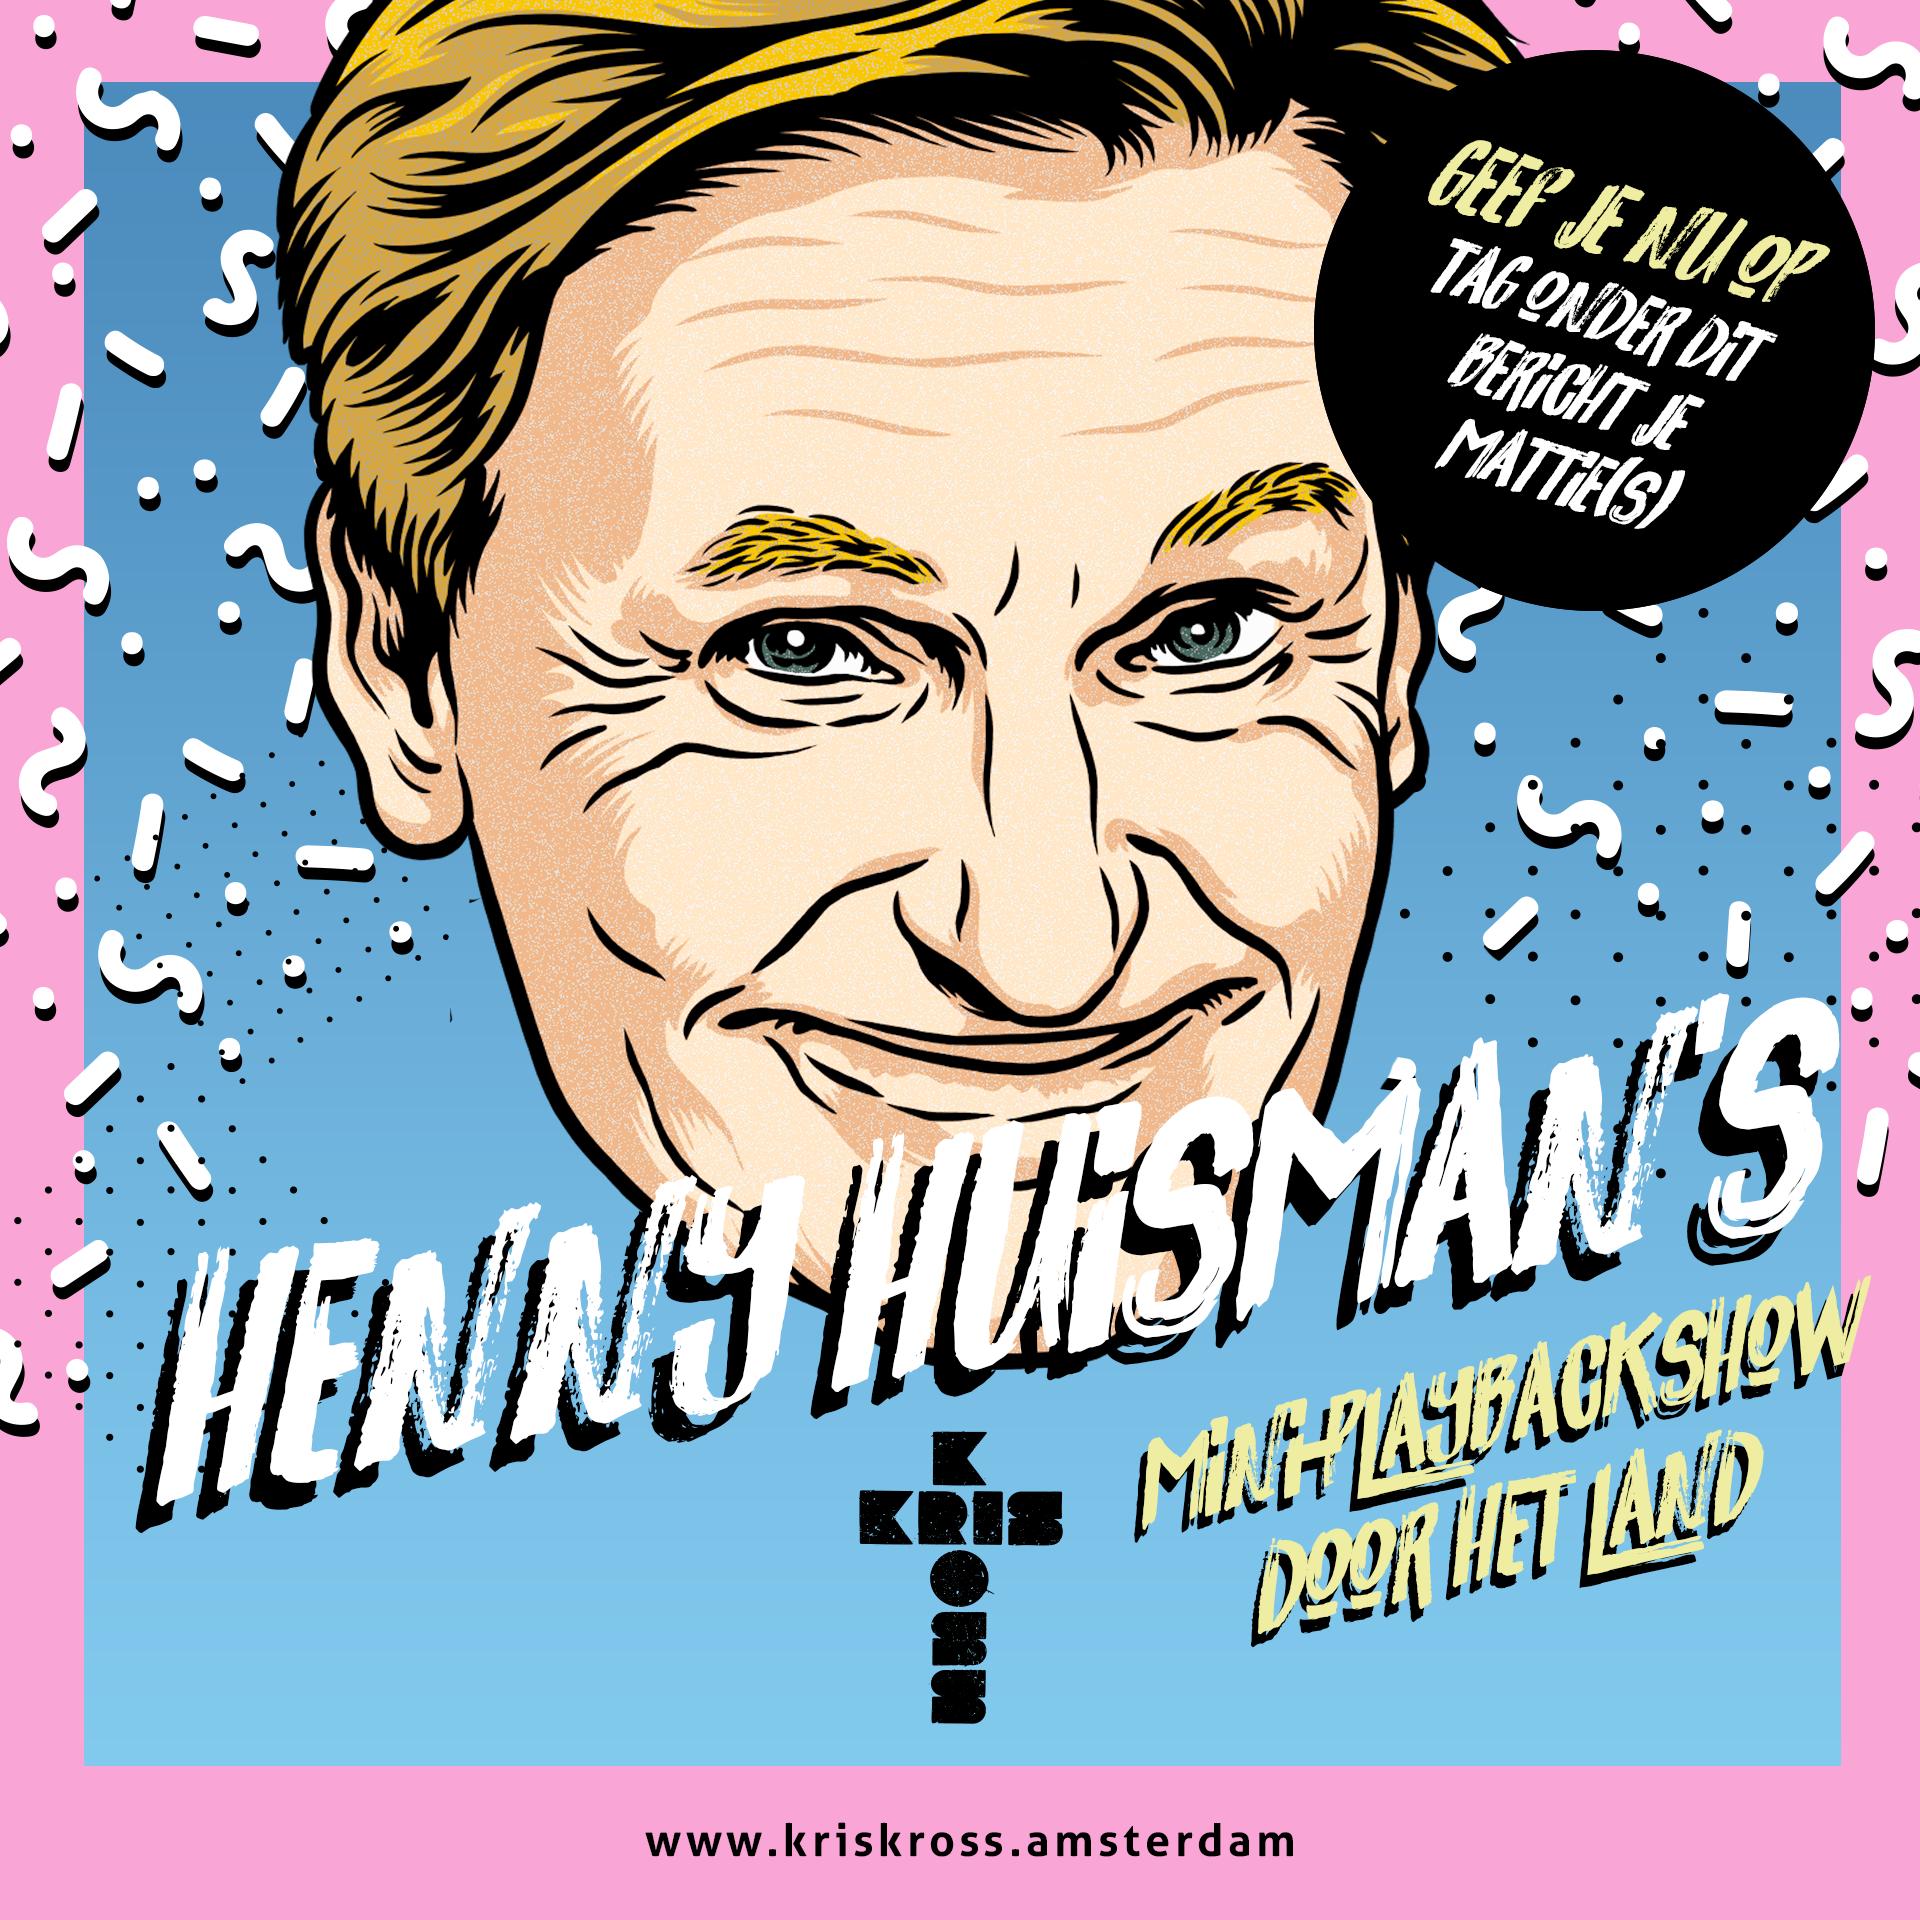 Kris Kross Henny Huisman